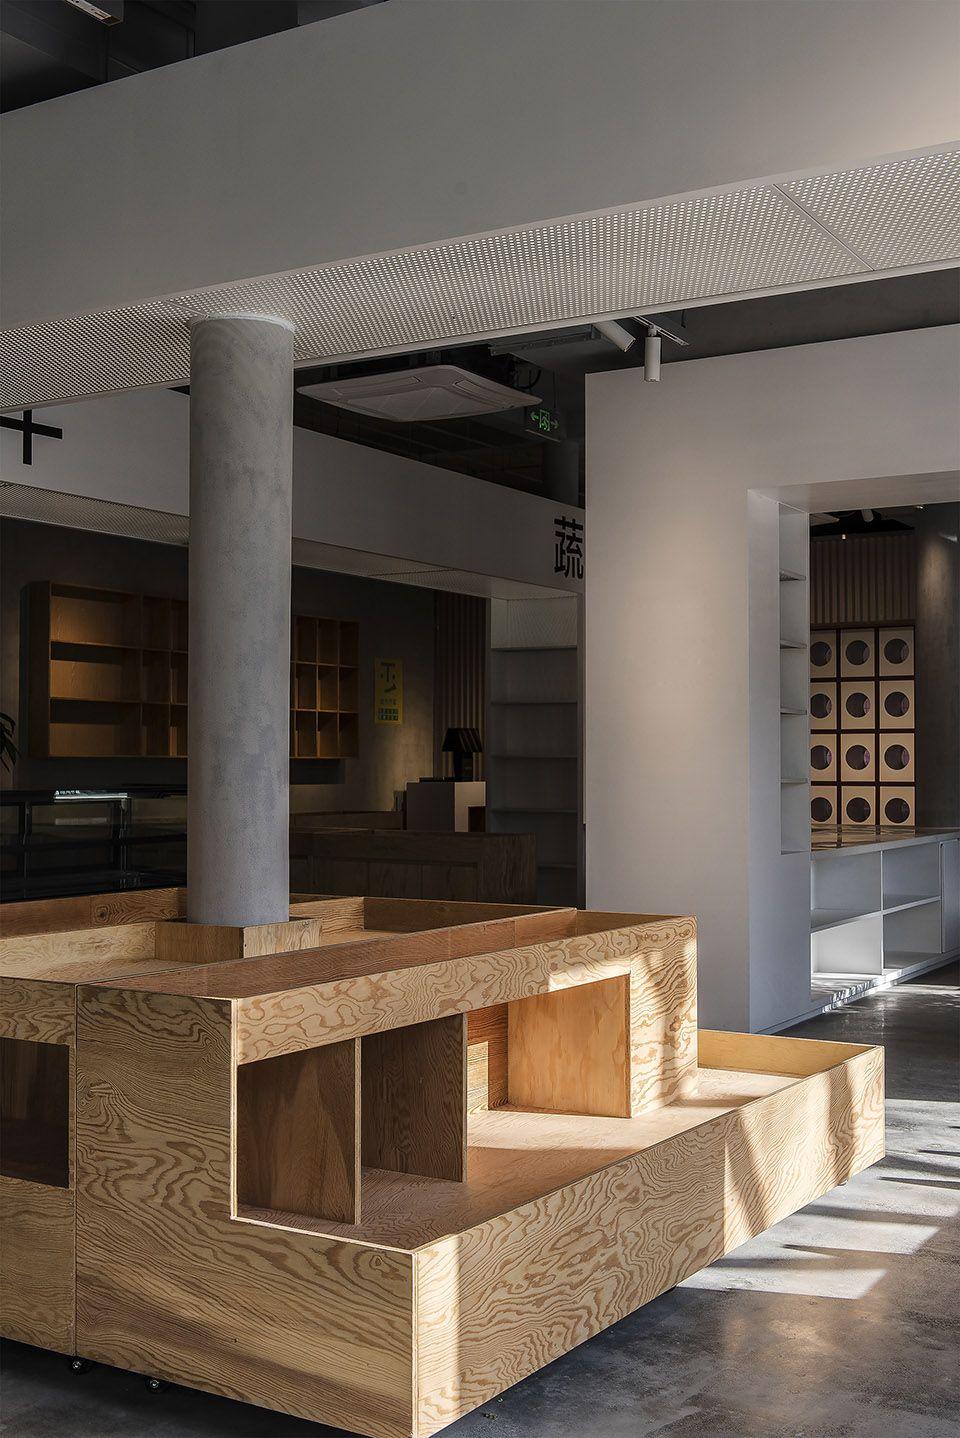 前门老街区的一部清亮短篇,北京微风市集   未来以北工作室 未来以北工作室 - 8